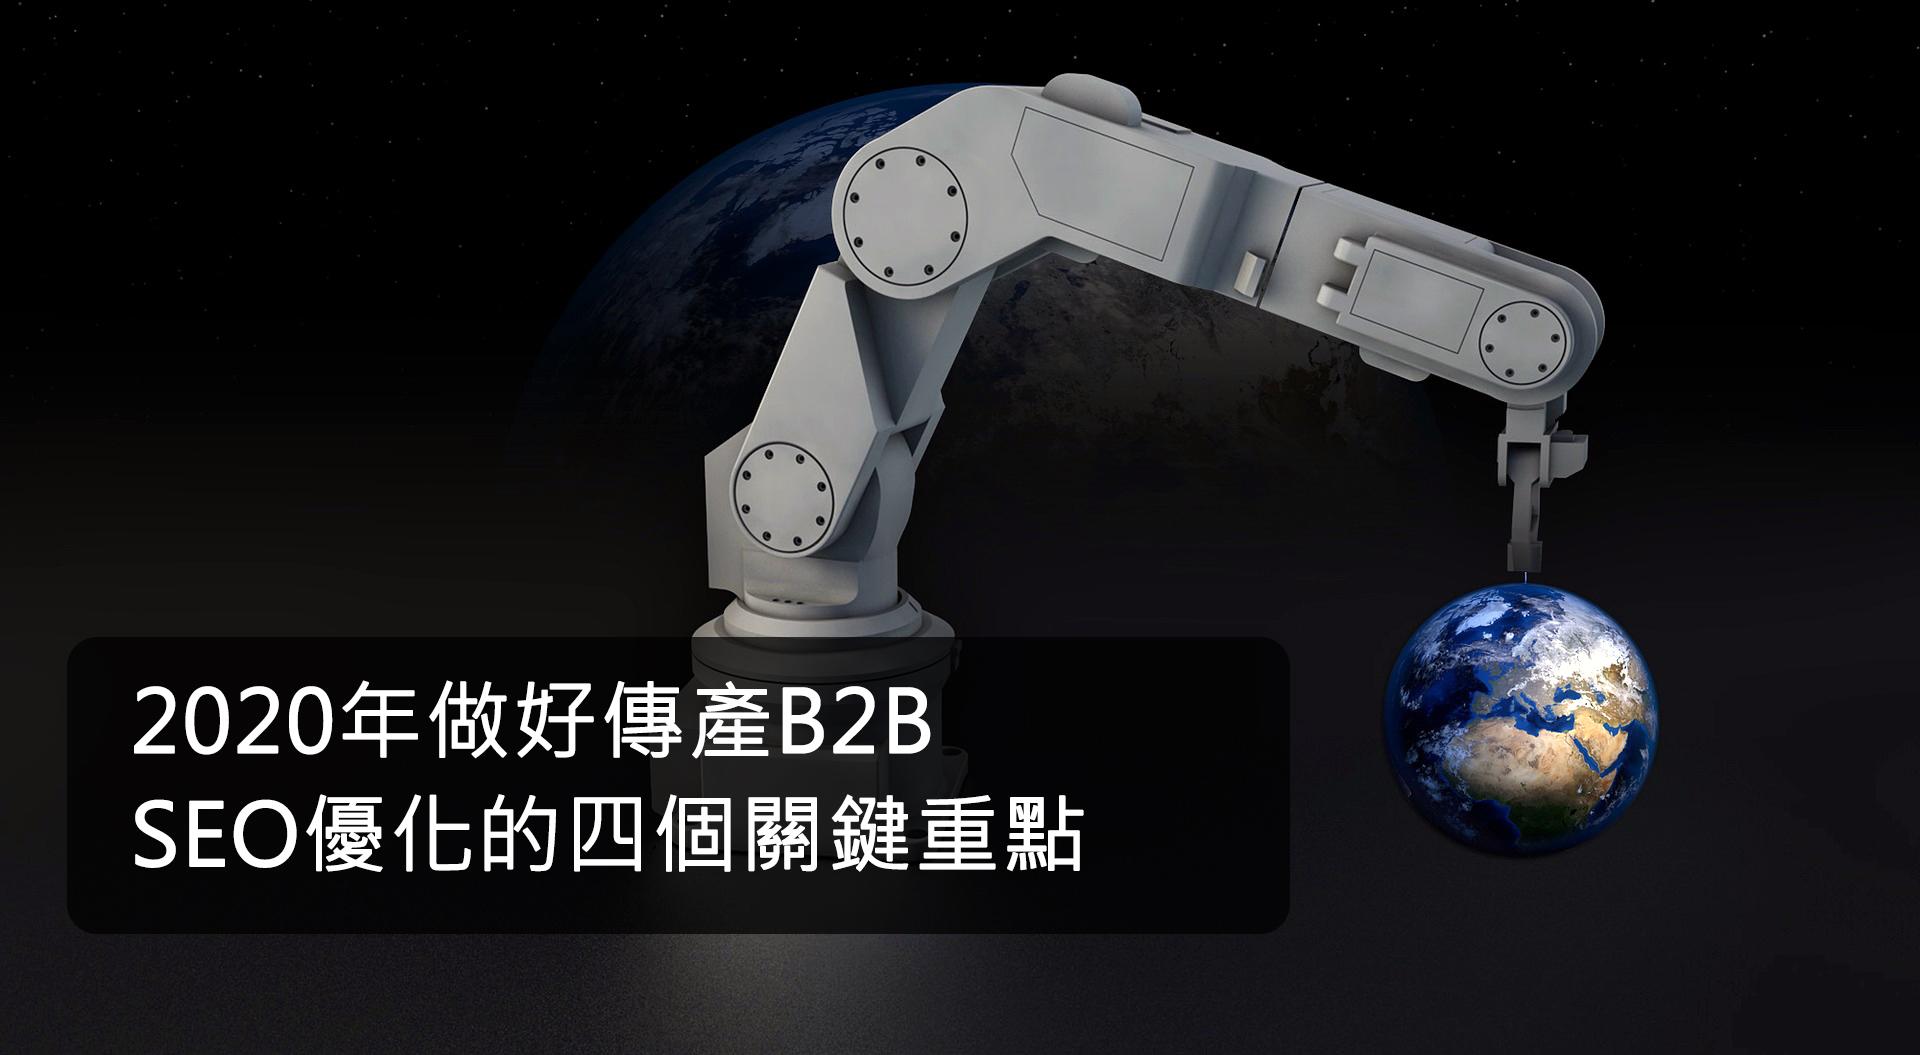 2020年做好傳產B2B SEO搜尋優化的四個關鍵重點